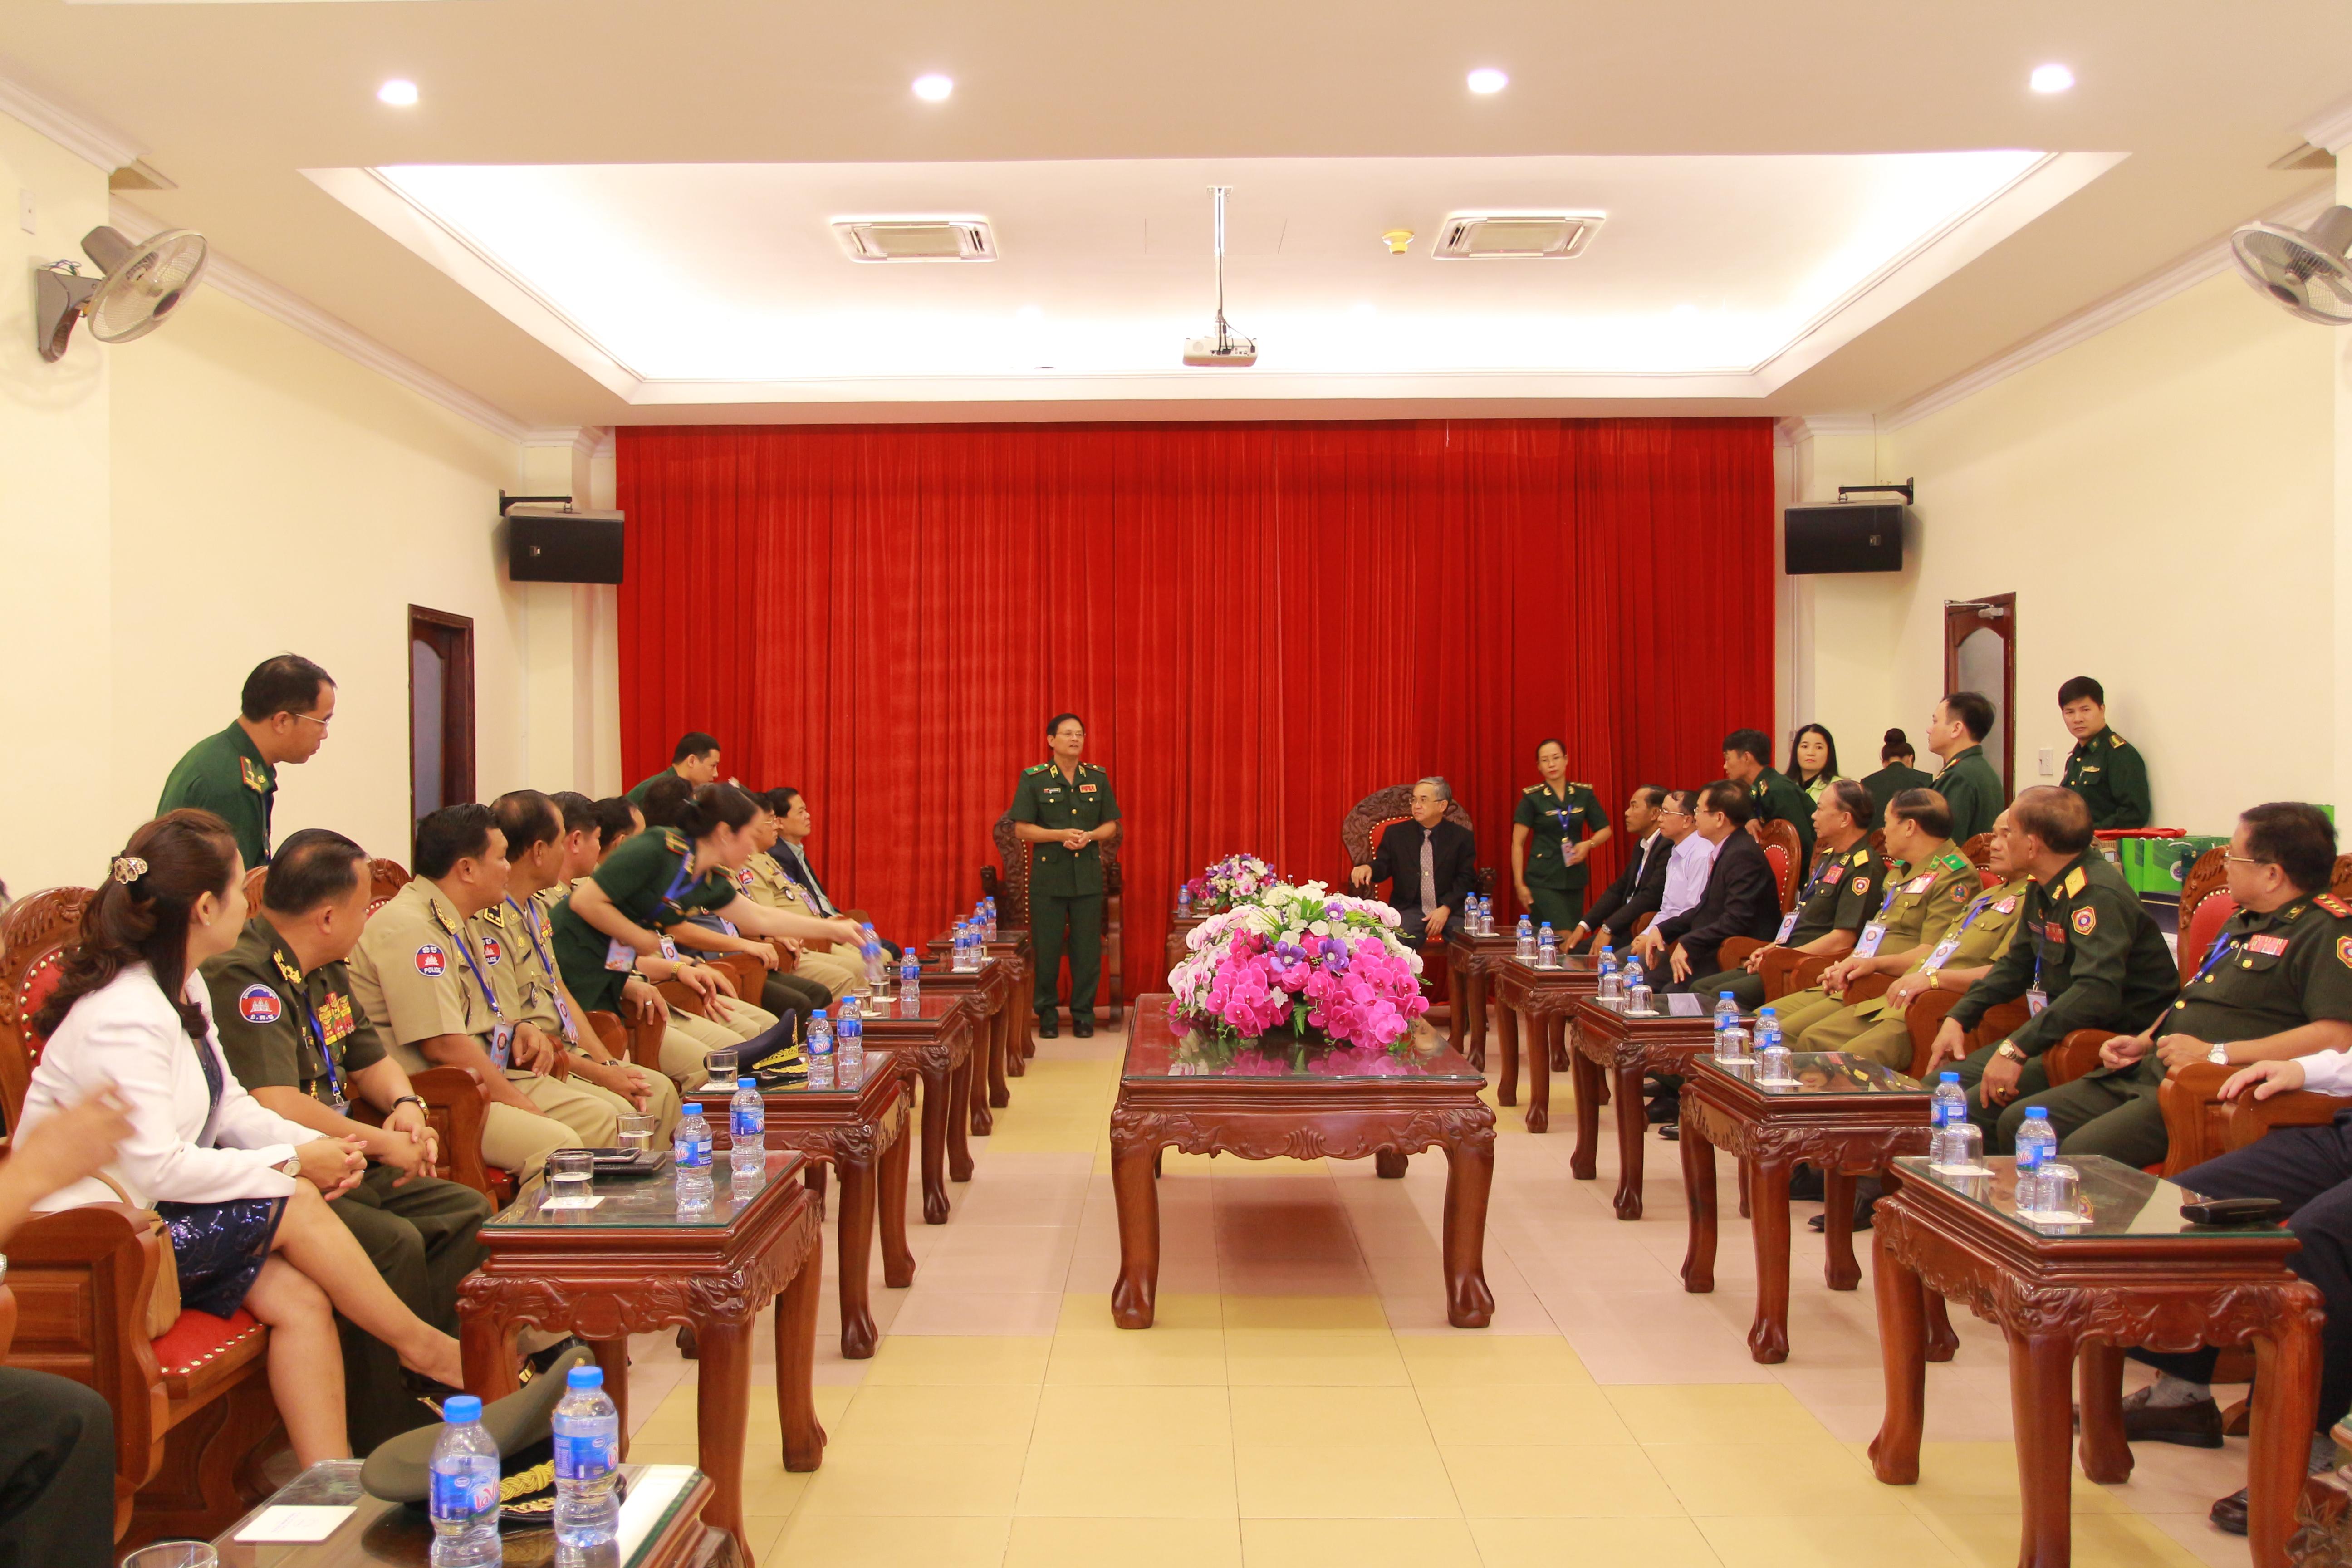 Tiếp đón đoàn đại biểu Lào và Campuchia tham dự chương trình Giao lưu hữu nghị biên giới Việt Nam-Lào-Campuchiaquot